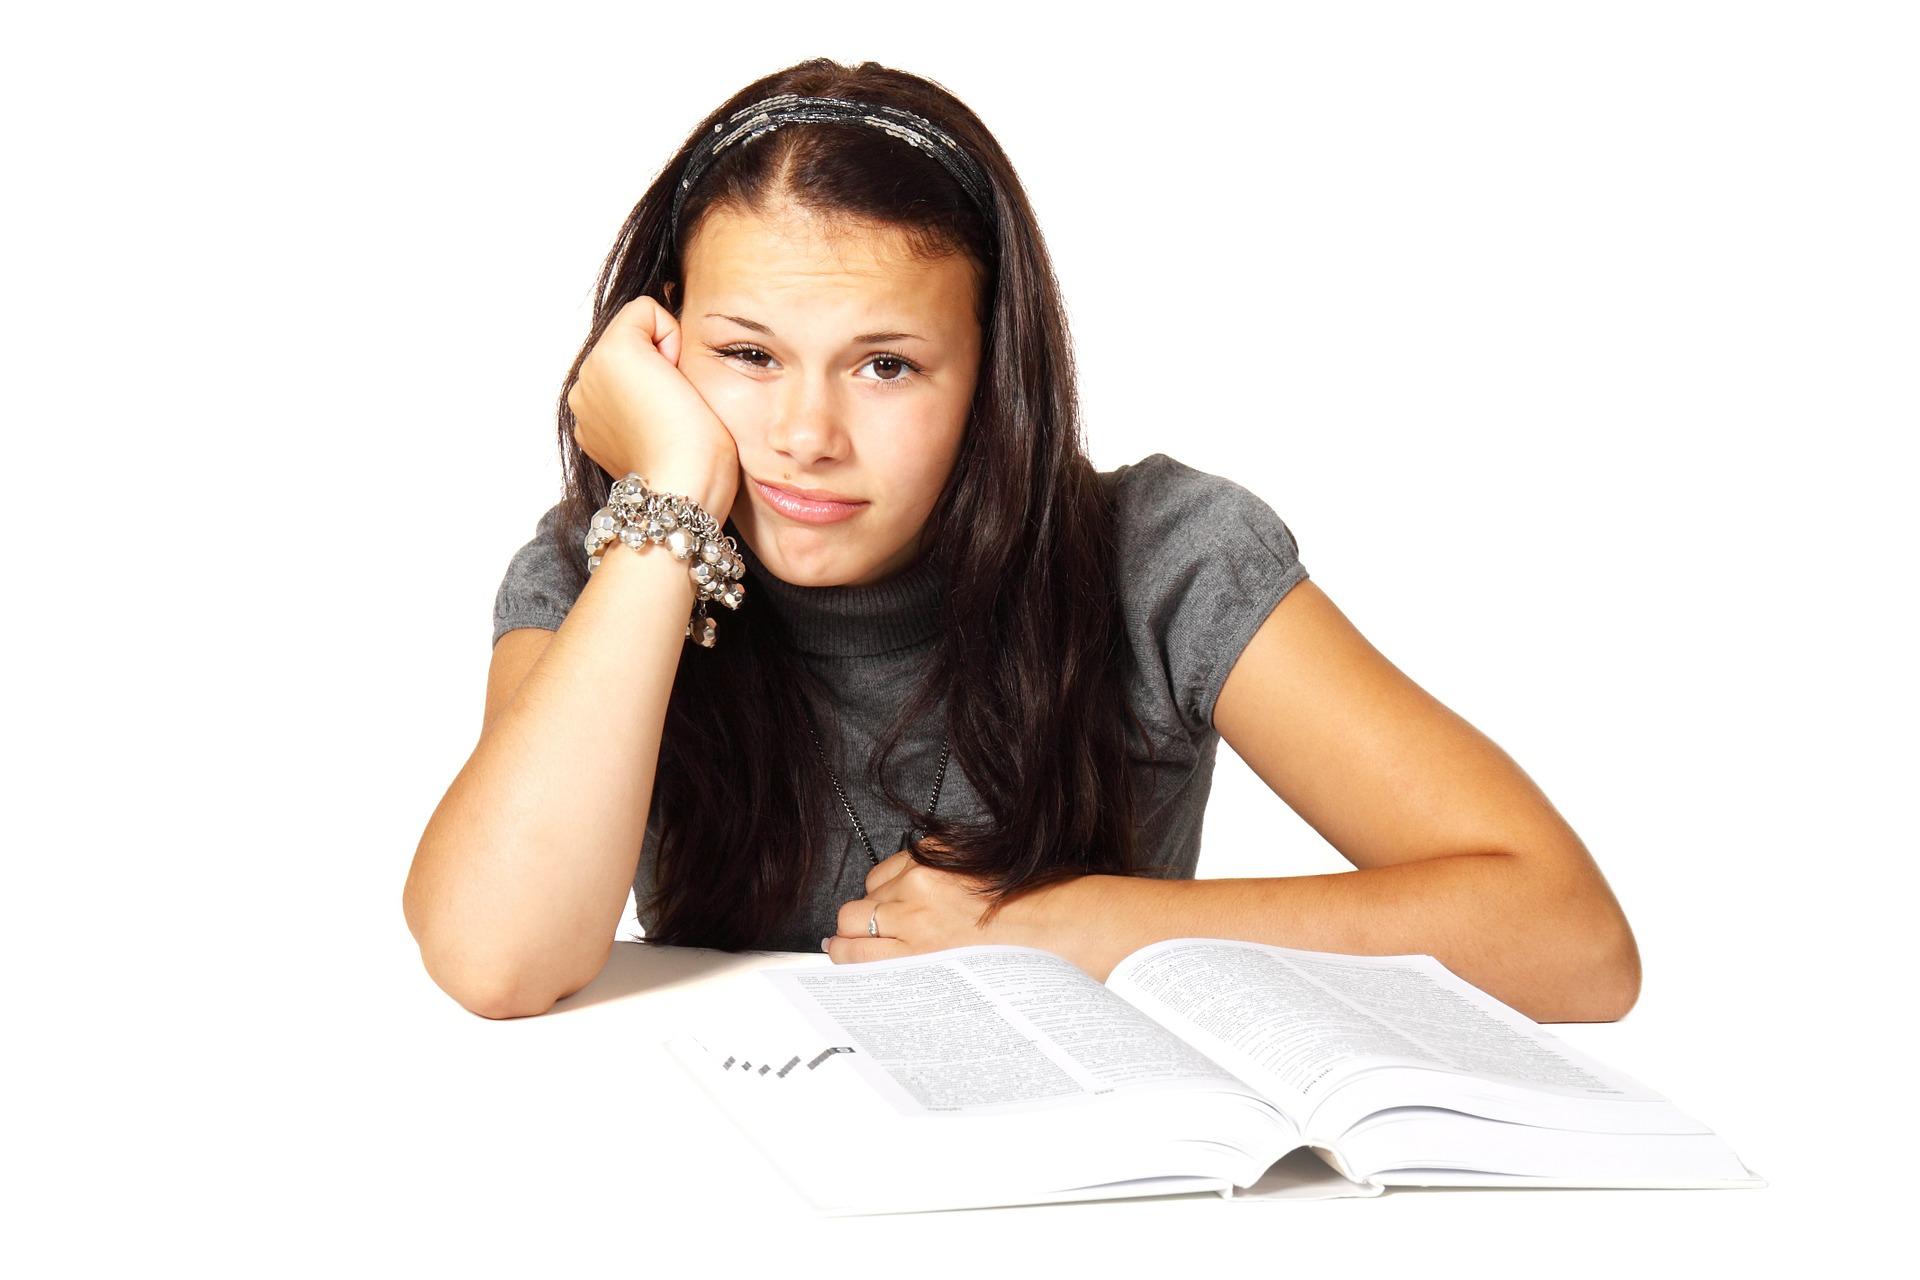 Dotazníkový průzkum odhalil, že přes 20 % žáků ještě není rozhodnuto, kam na střední školu. Zbývá už jen měsíc!